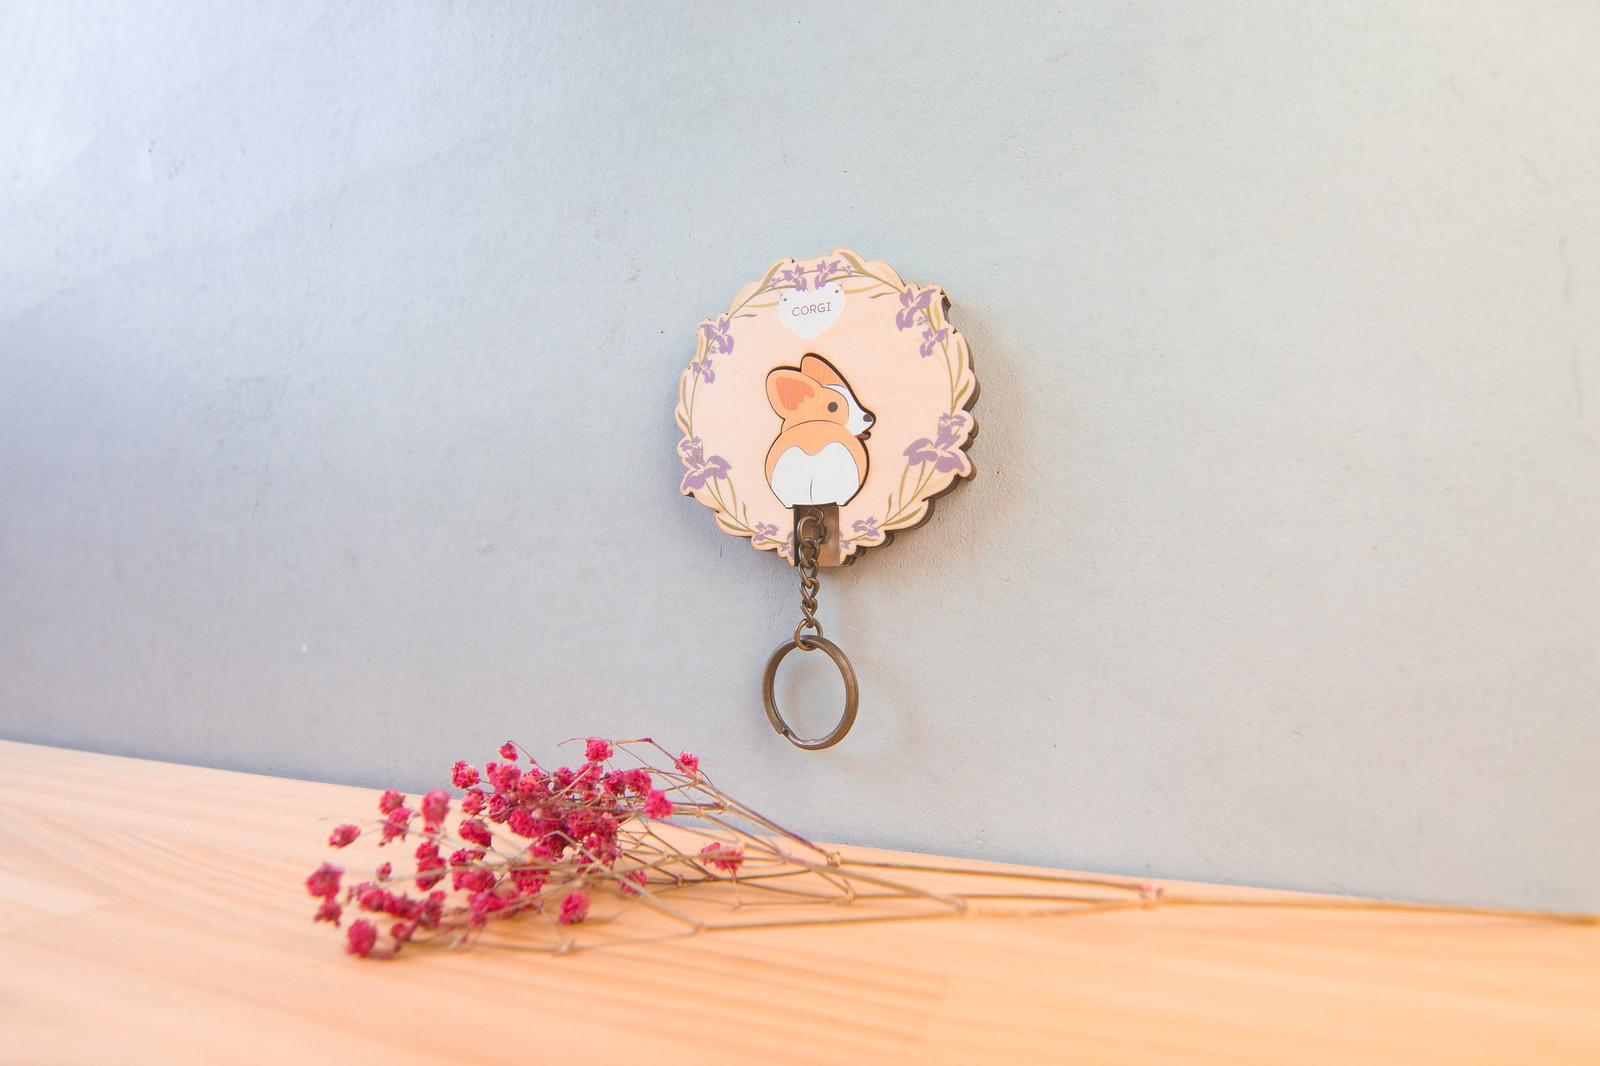 鑰匙圈 客製化 禮物 特色產品 居家 台灣設計 生日 情人節 狗 情侶 動物 花圈 寵物 療癒 聖誕節 收納 裝飾 吊飾 送禮 中性 木 楓木 胡桃木 鑰匙